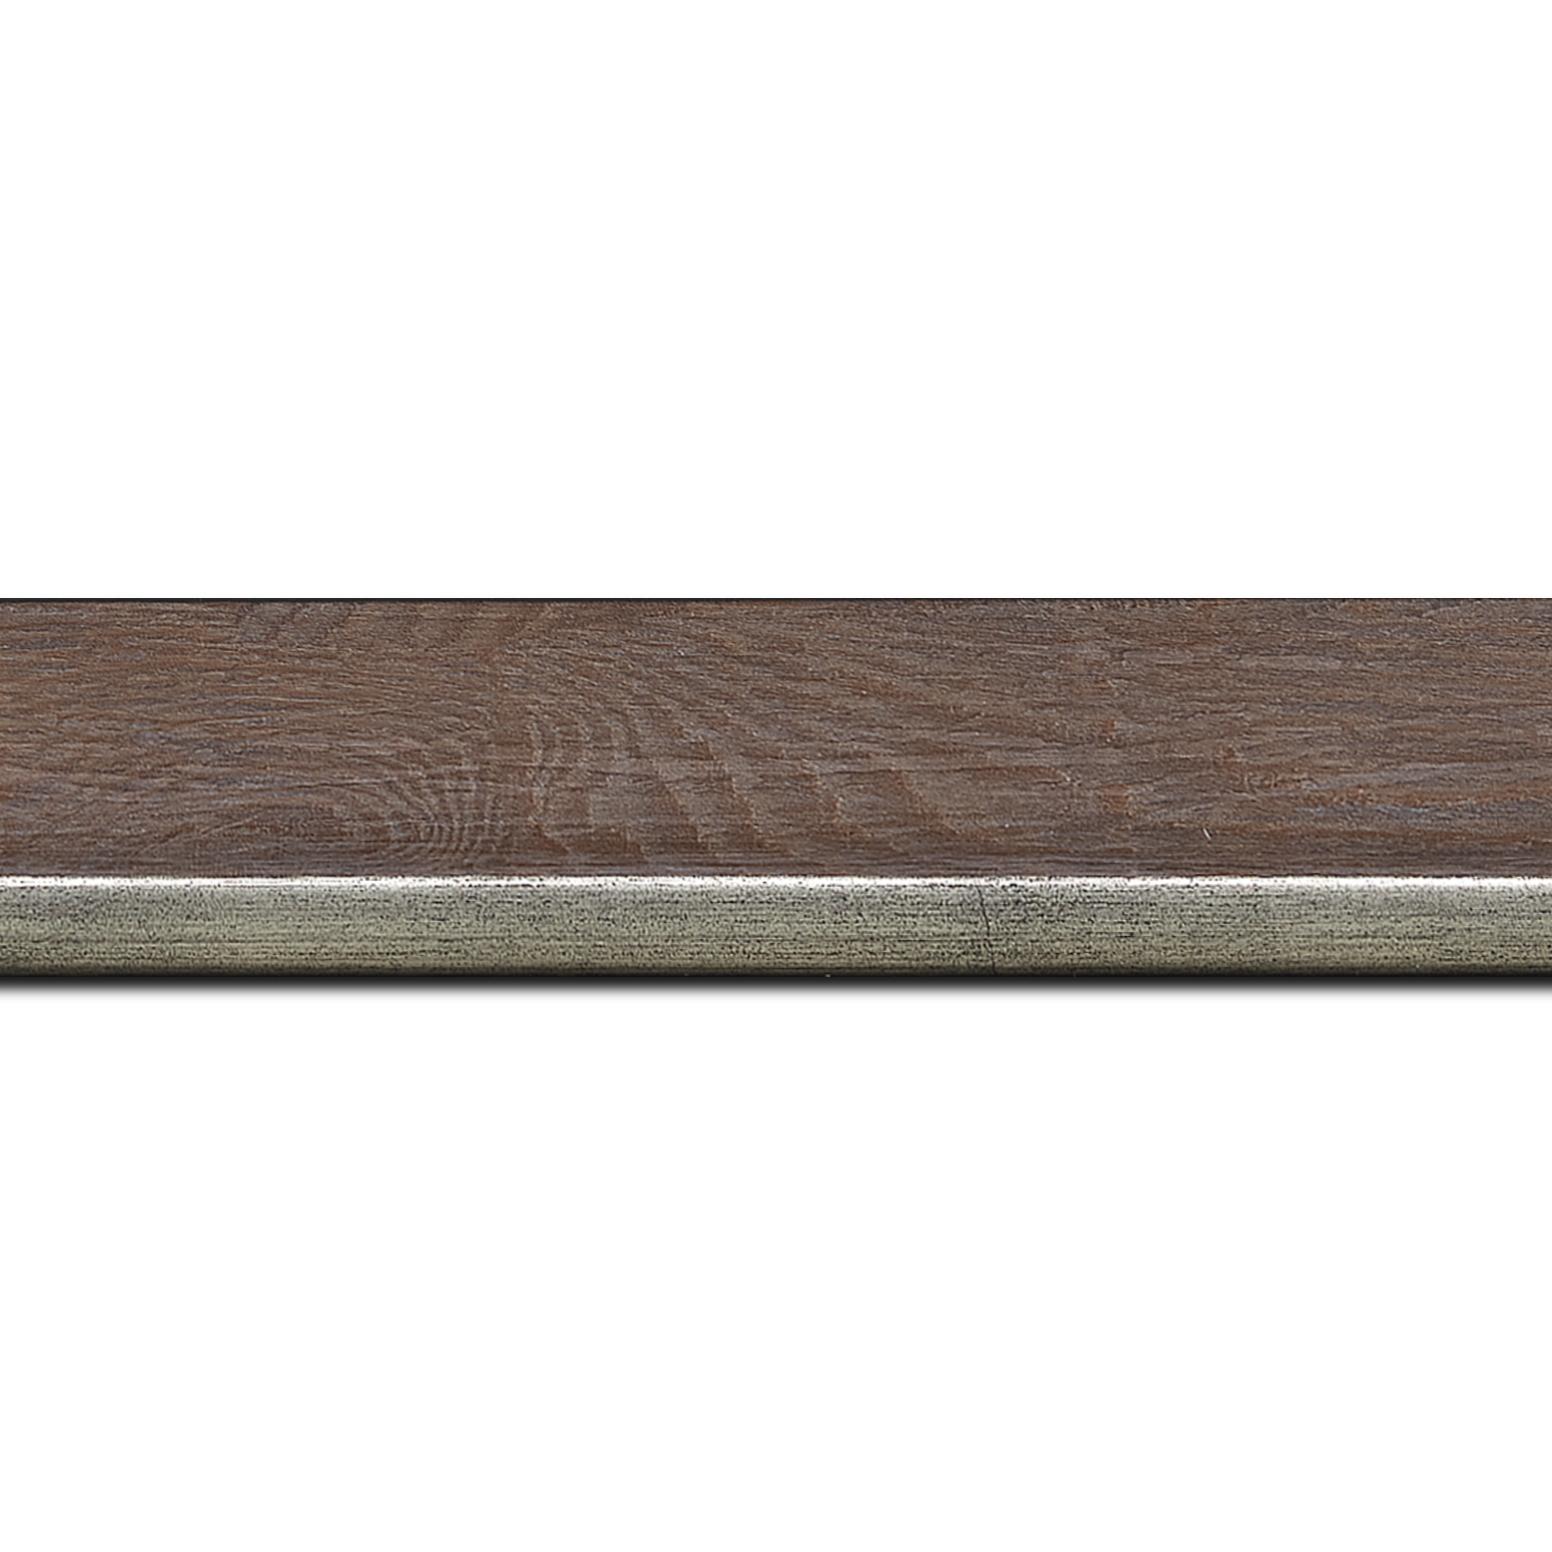 Baguette longueur 1.40m bois profil plat en pente largeur 3.5cm de couleur ton bois veiné teinté marron clair filet argent chaud